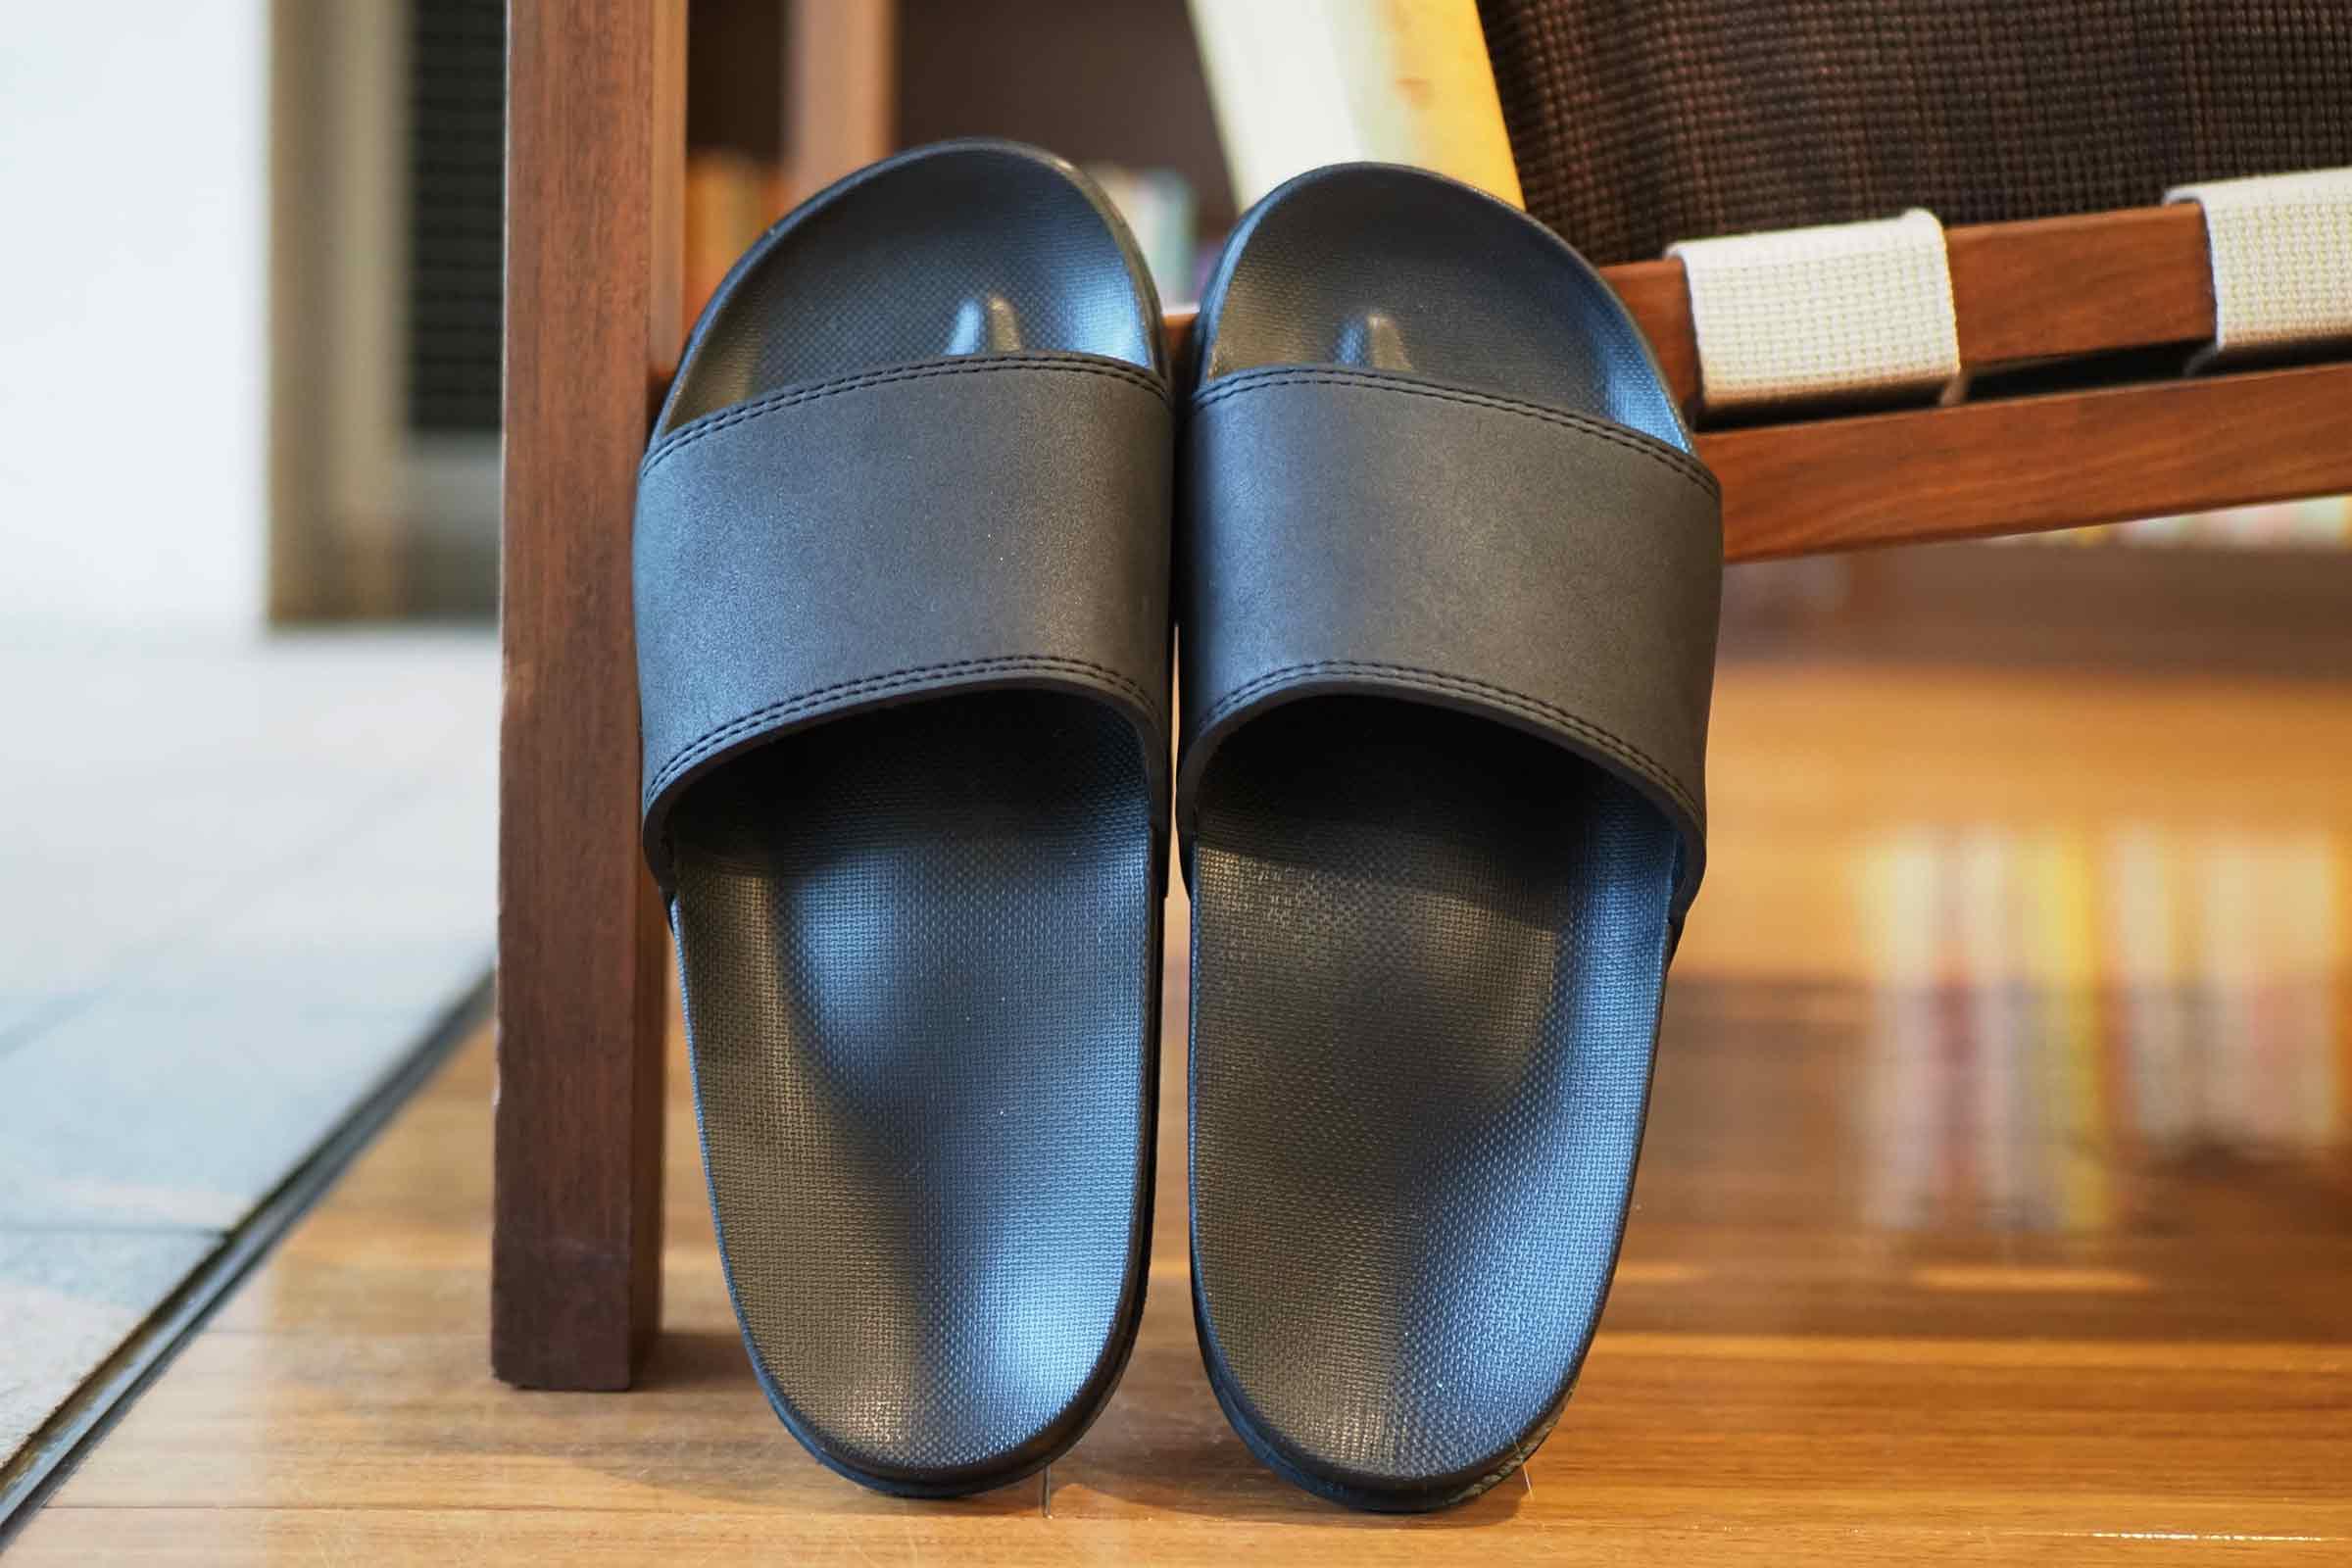 サンダル,無印,無印良品,安い,軽い,涼しい,黒,メンズ,レディース,ユニセックス,足が小さい